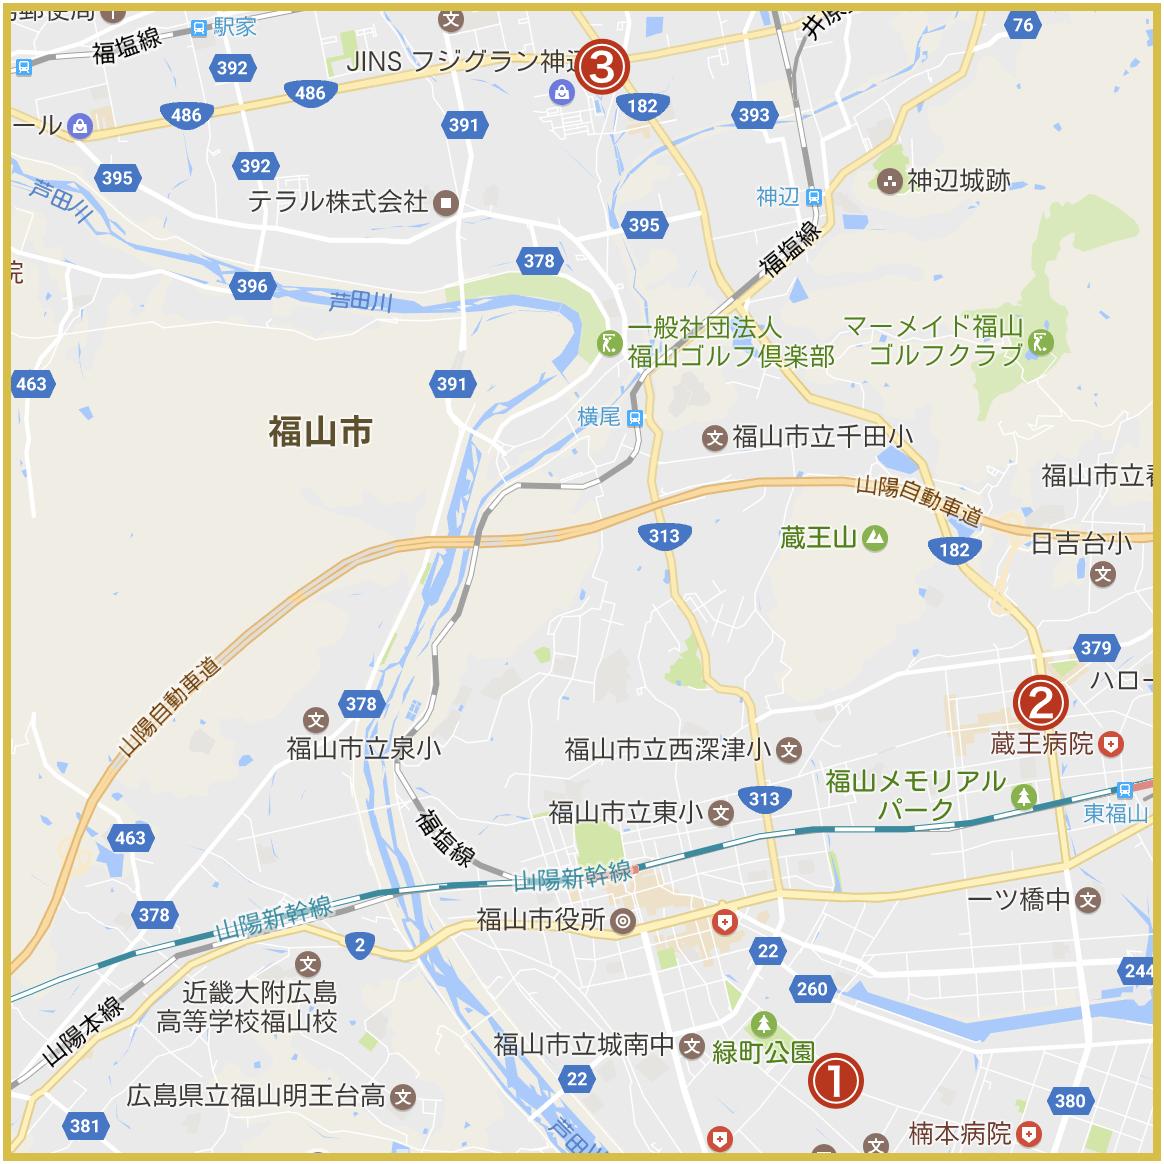 福山市にあるアイフル店舗・ATMの位置